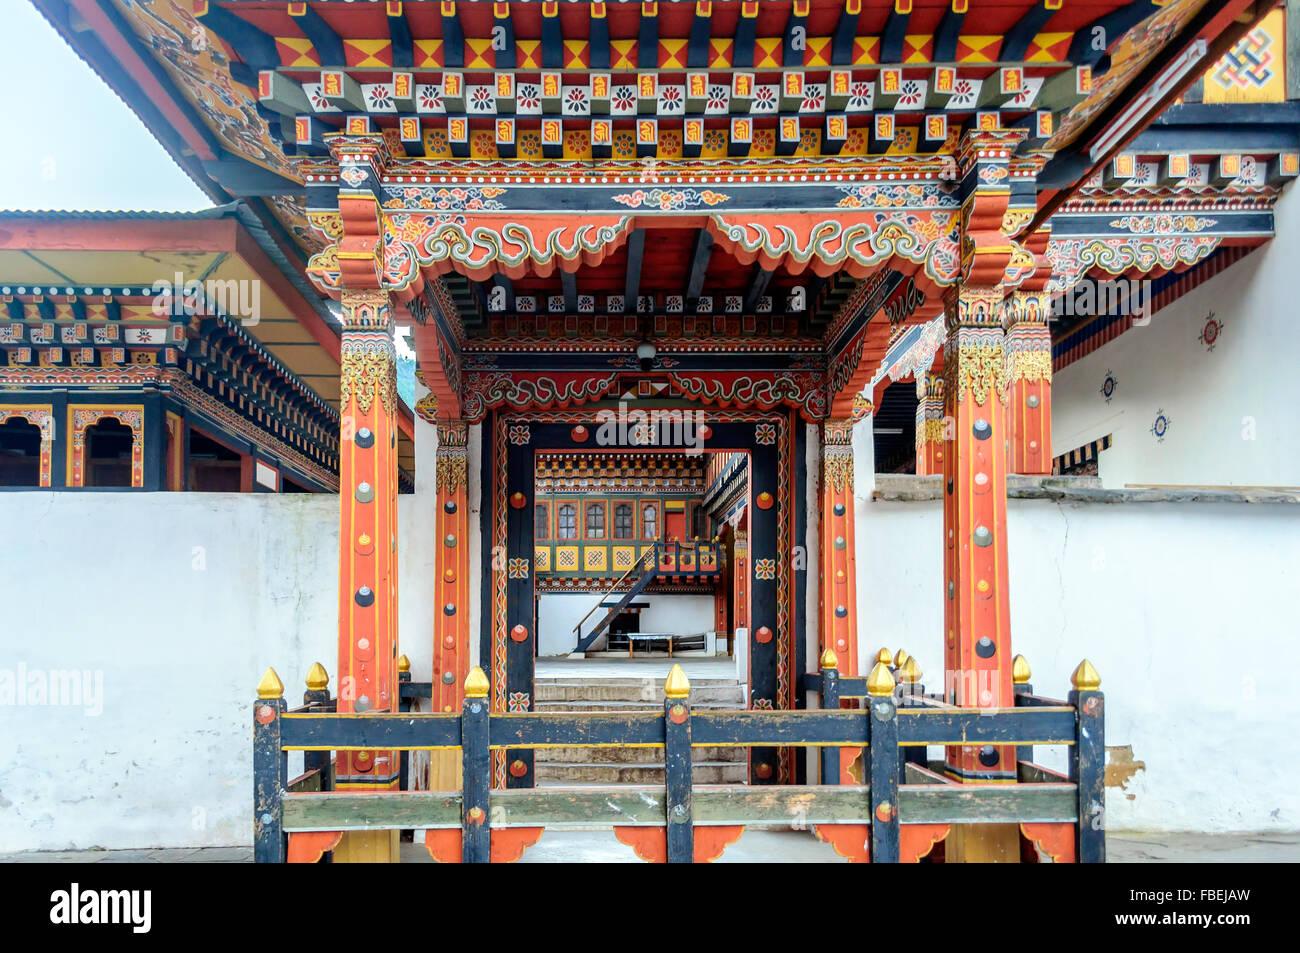 Fenêtre décorative du Bhoutan Vue Tashi choe Dzong, Forteresse, centre administratif with copy space Photo Stock